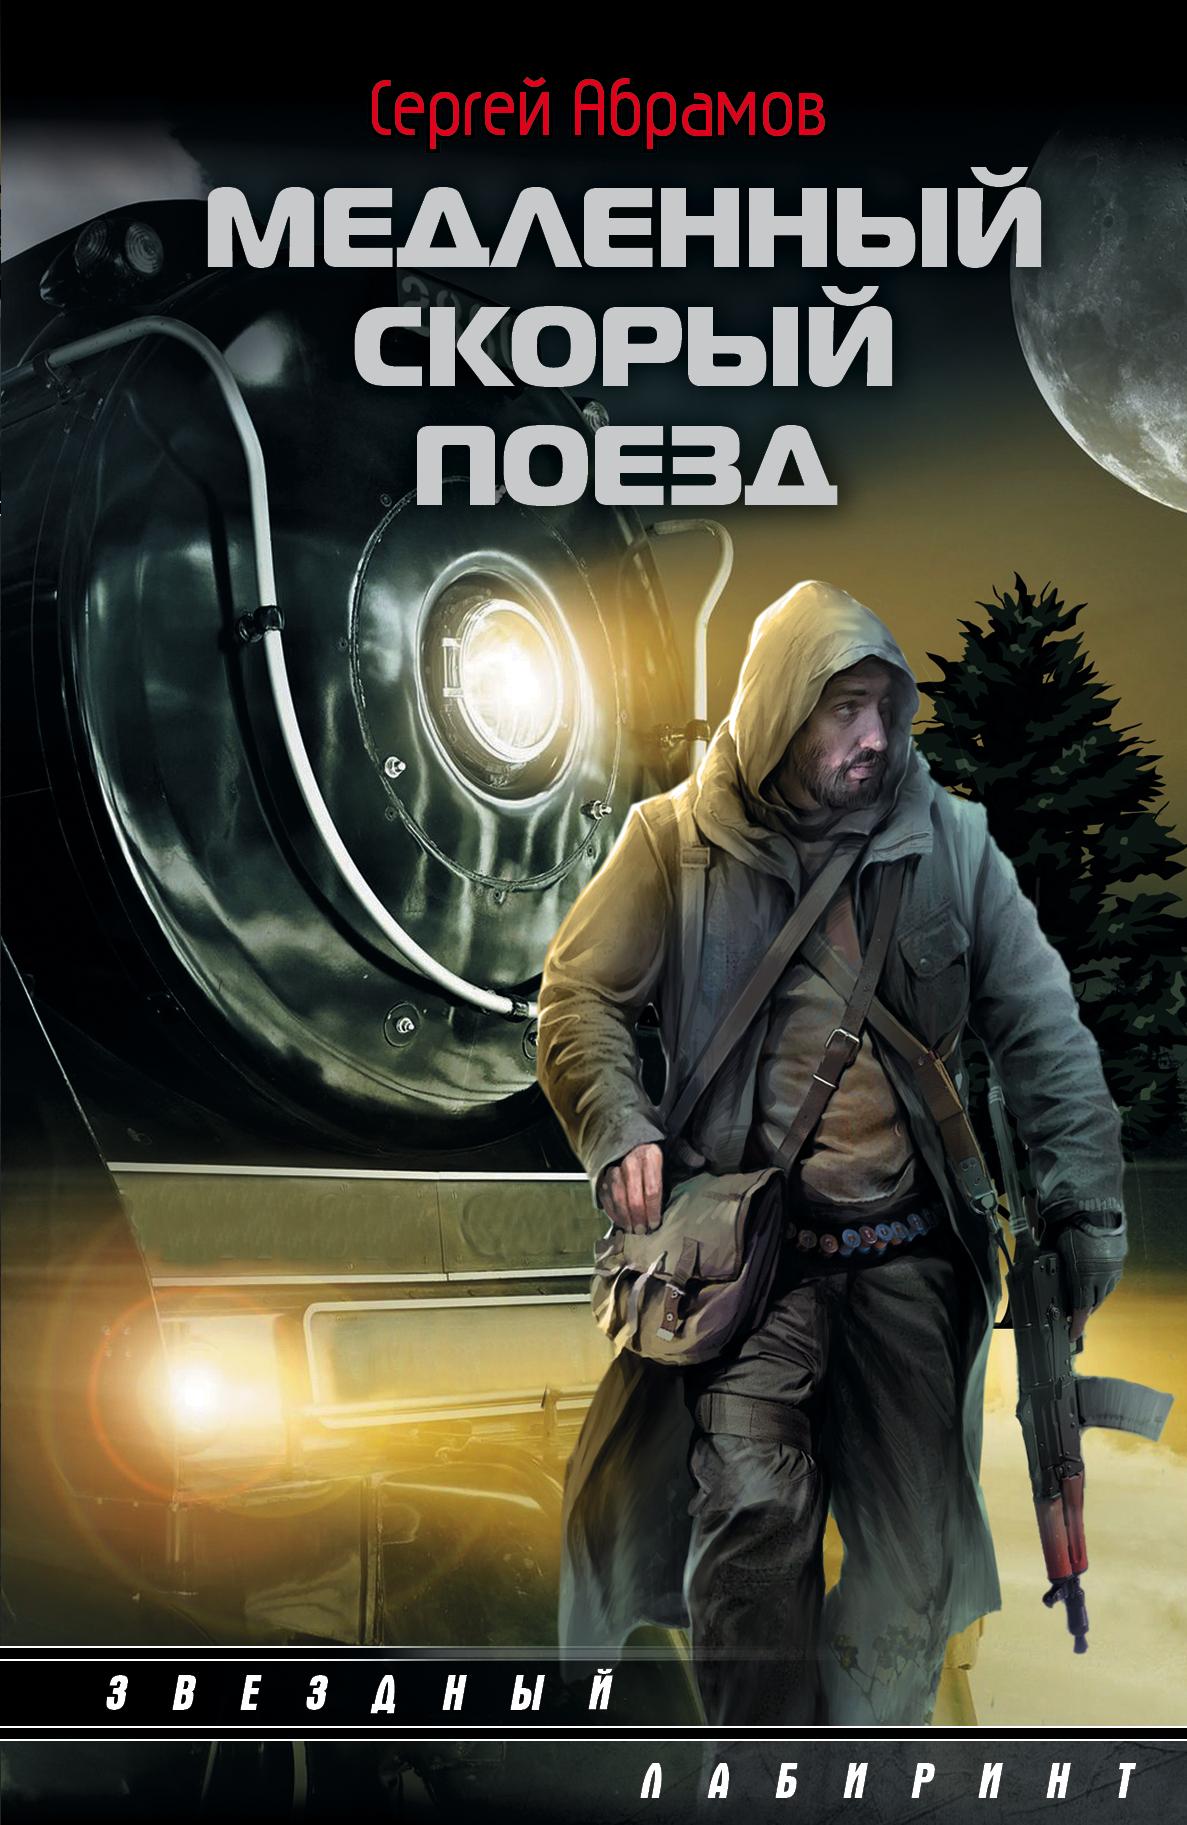 Абрамов С.А. Медленный скорый поезд билет на поезд мариуполь москва